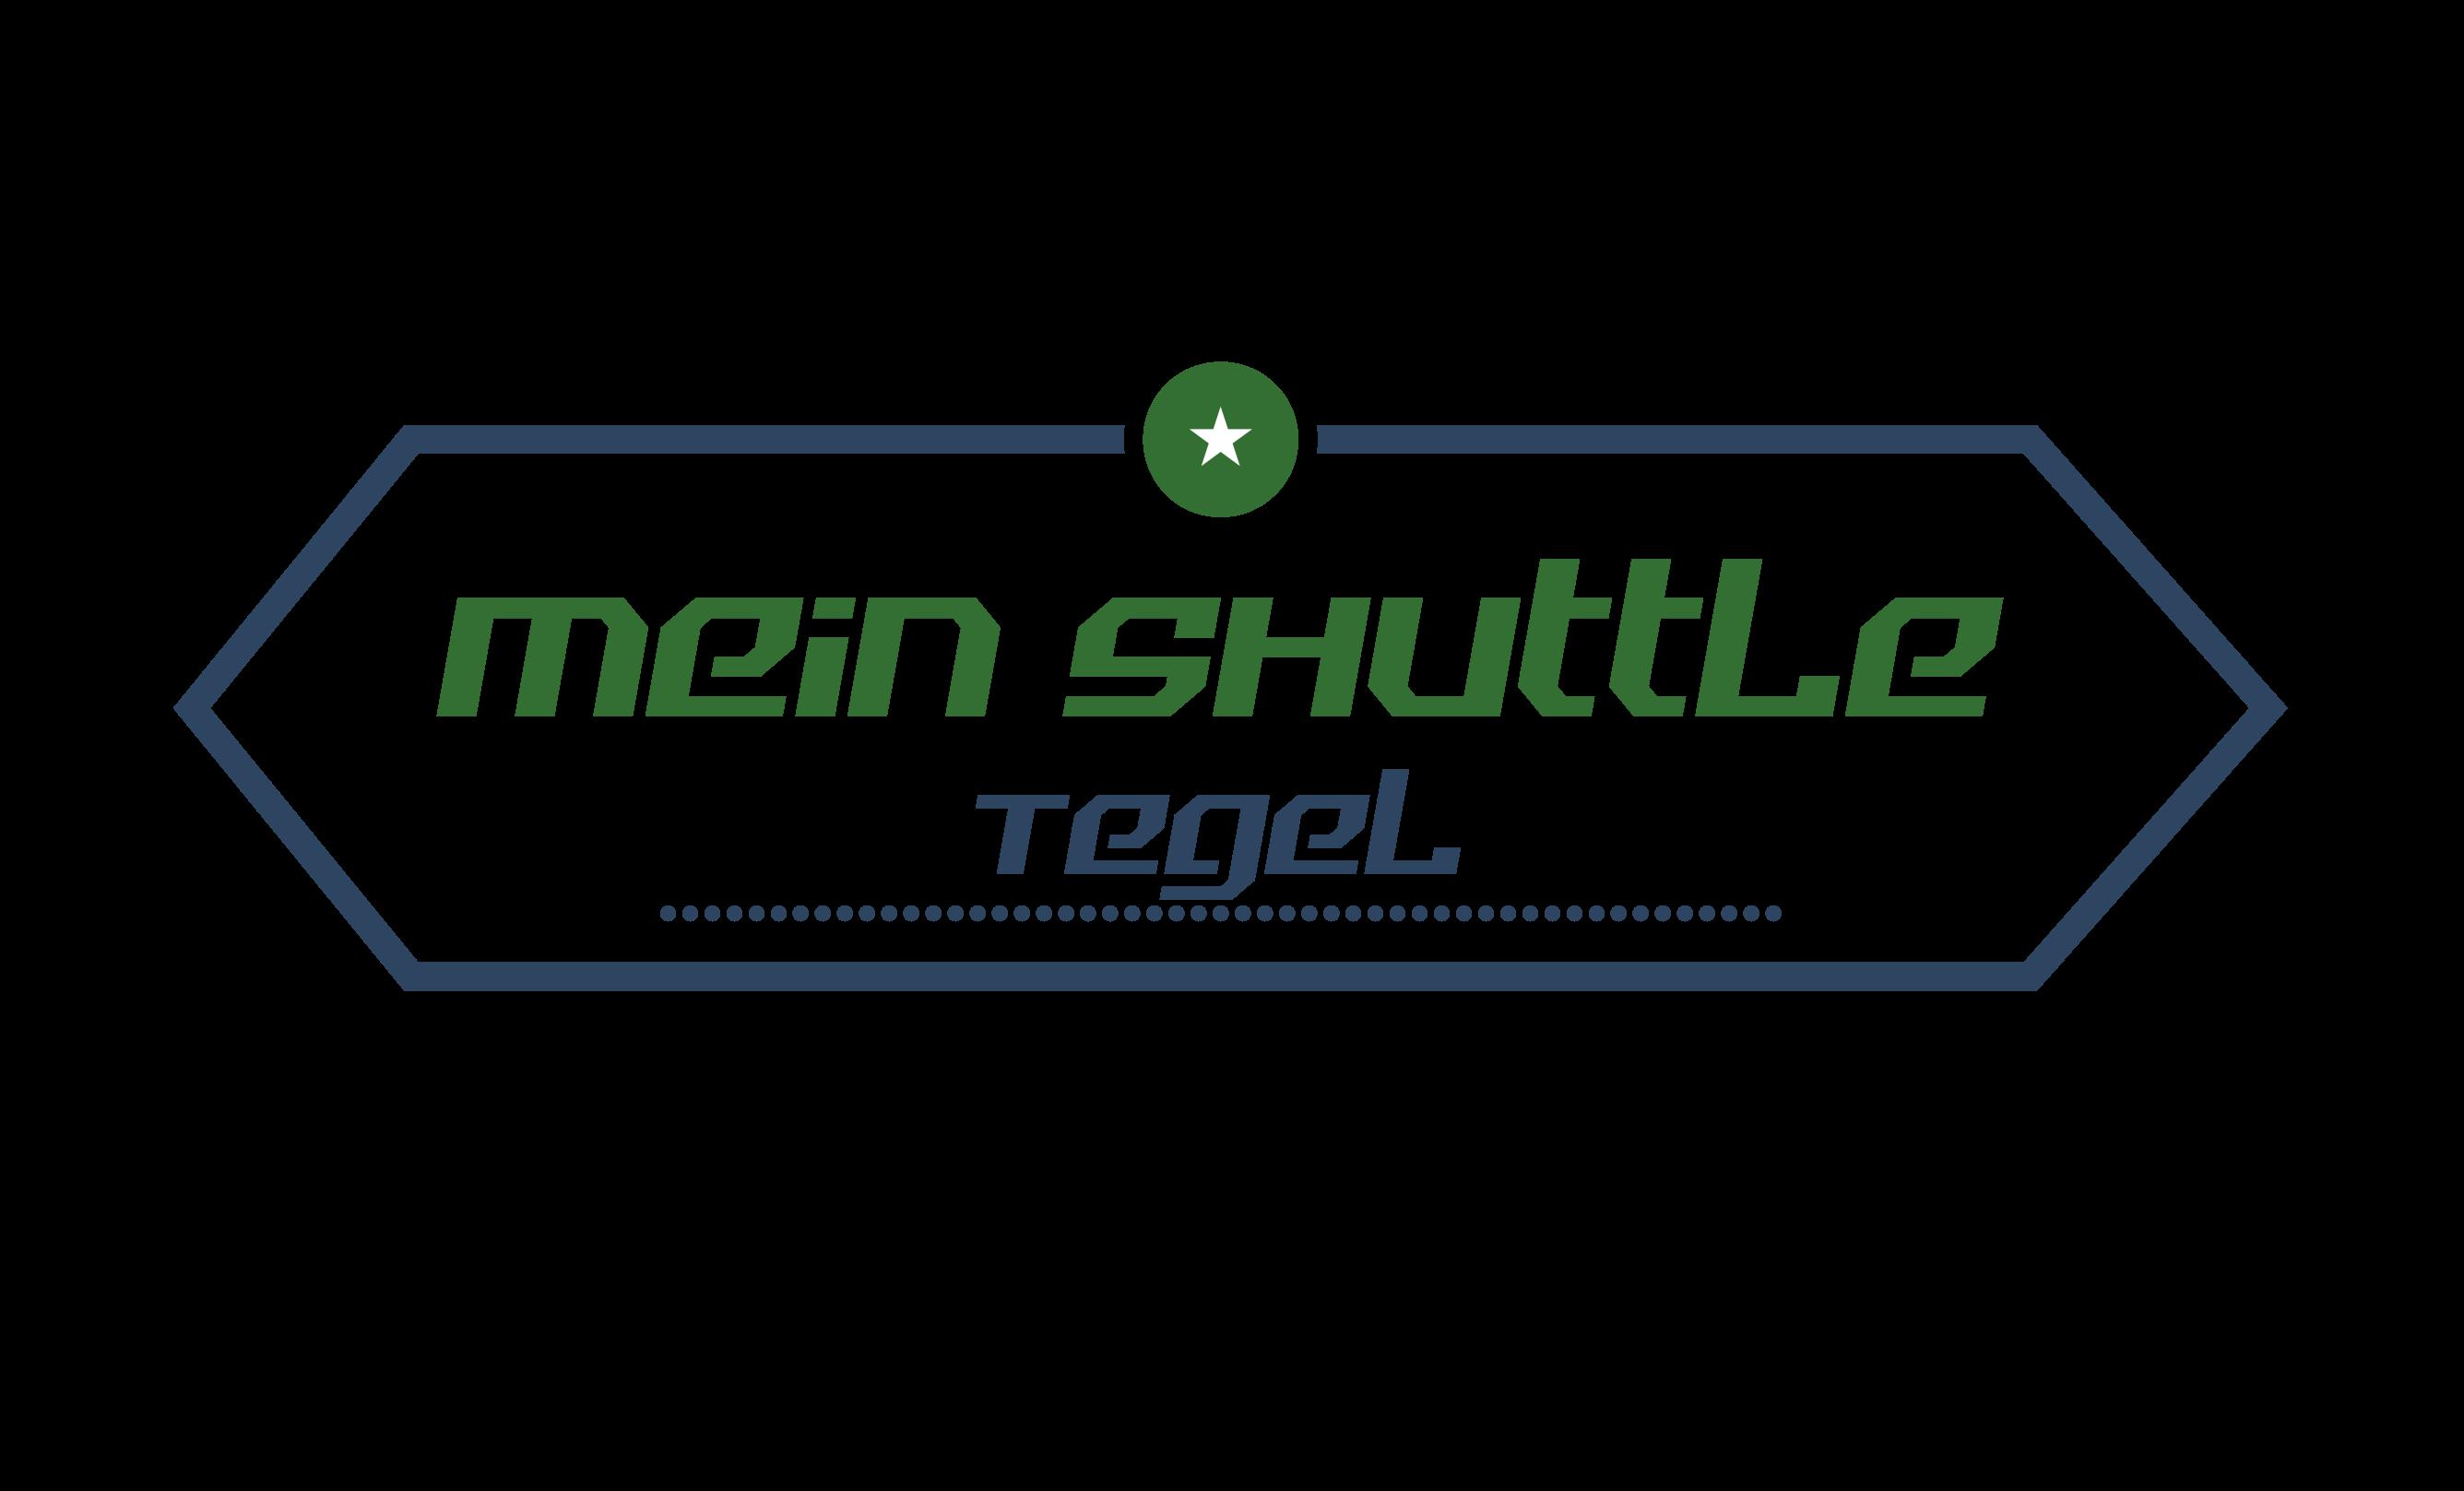 Mein-Shuttle-Tegel